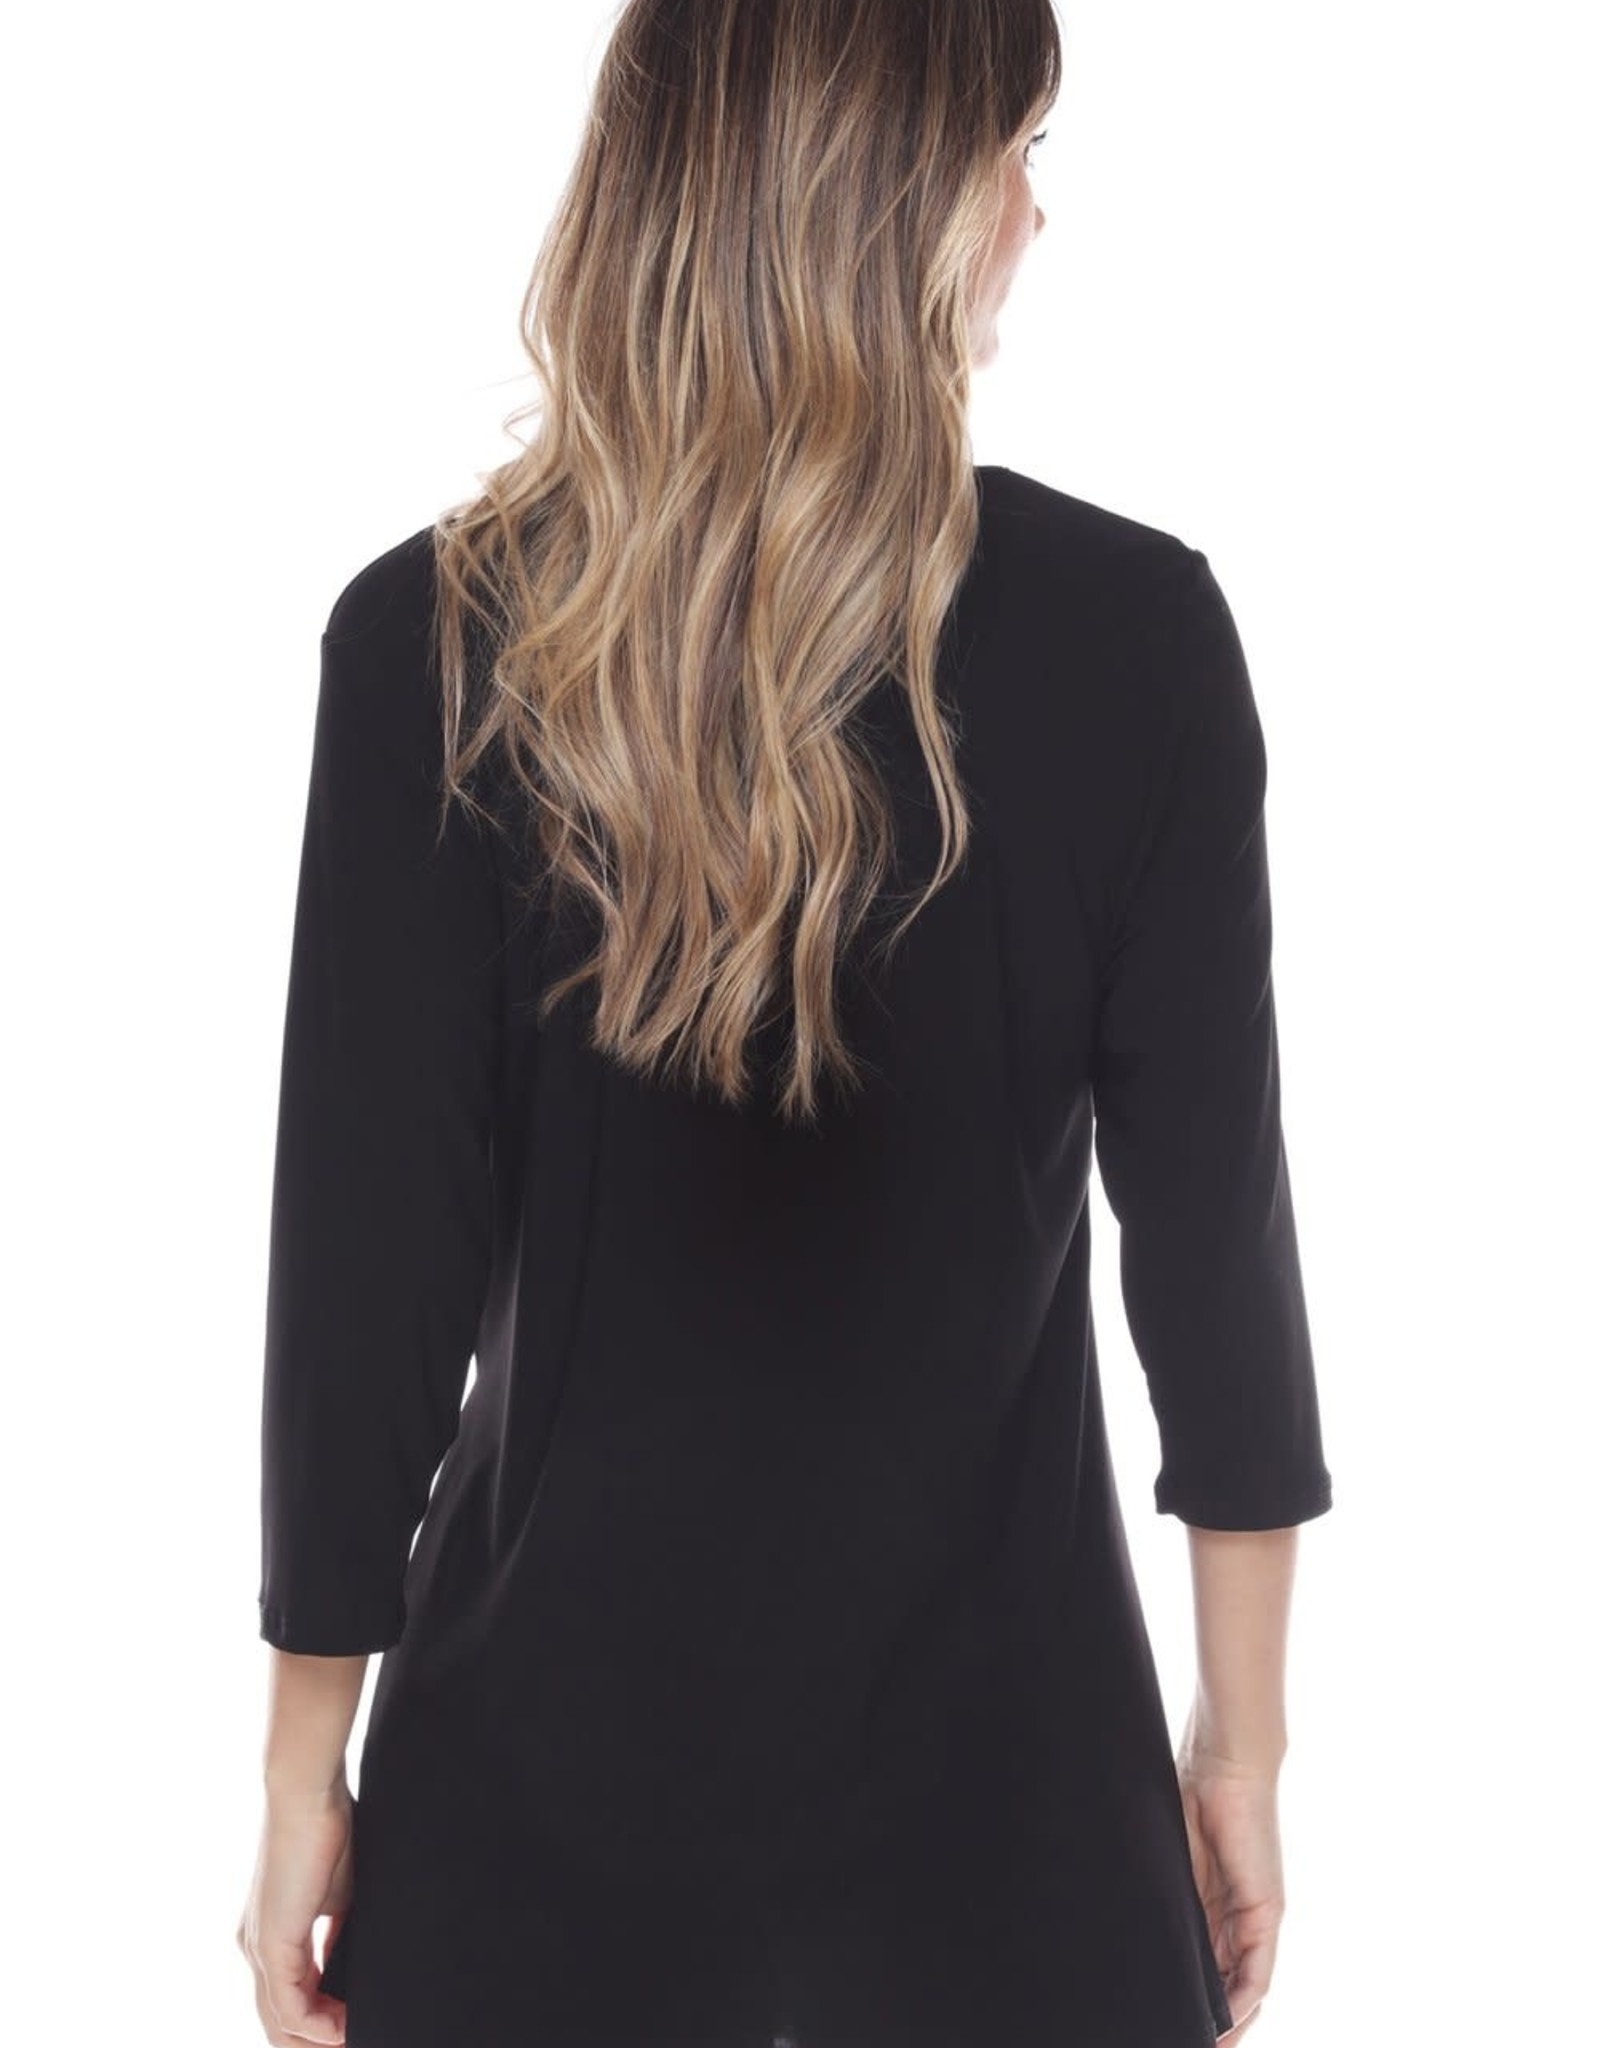 - Black 3/4 Sleeve Tunic w/Side Tie